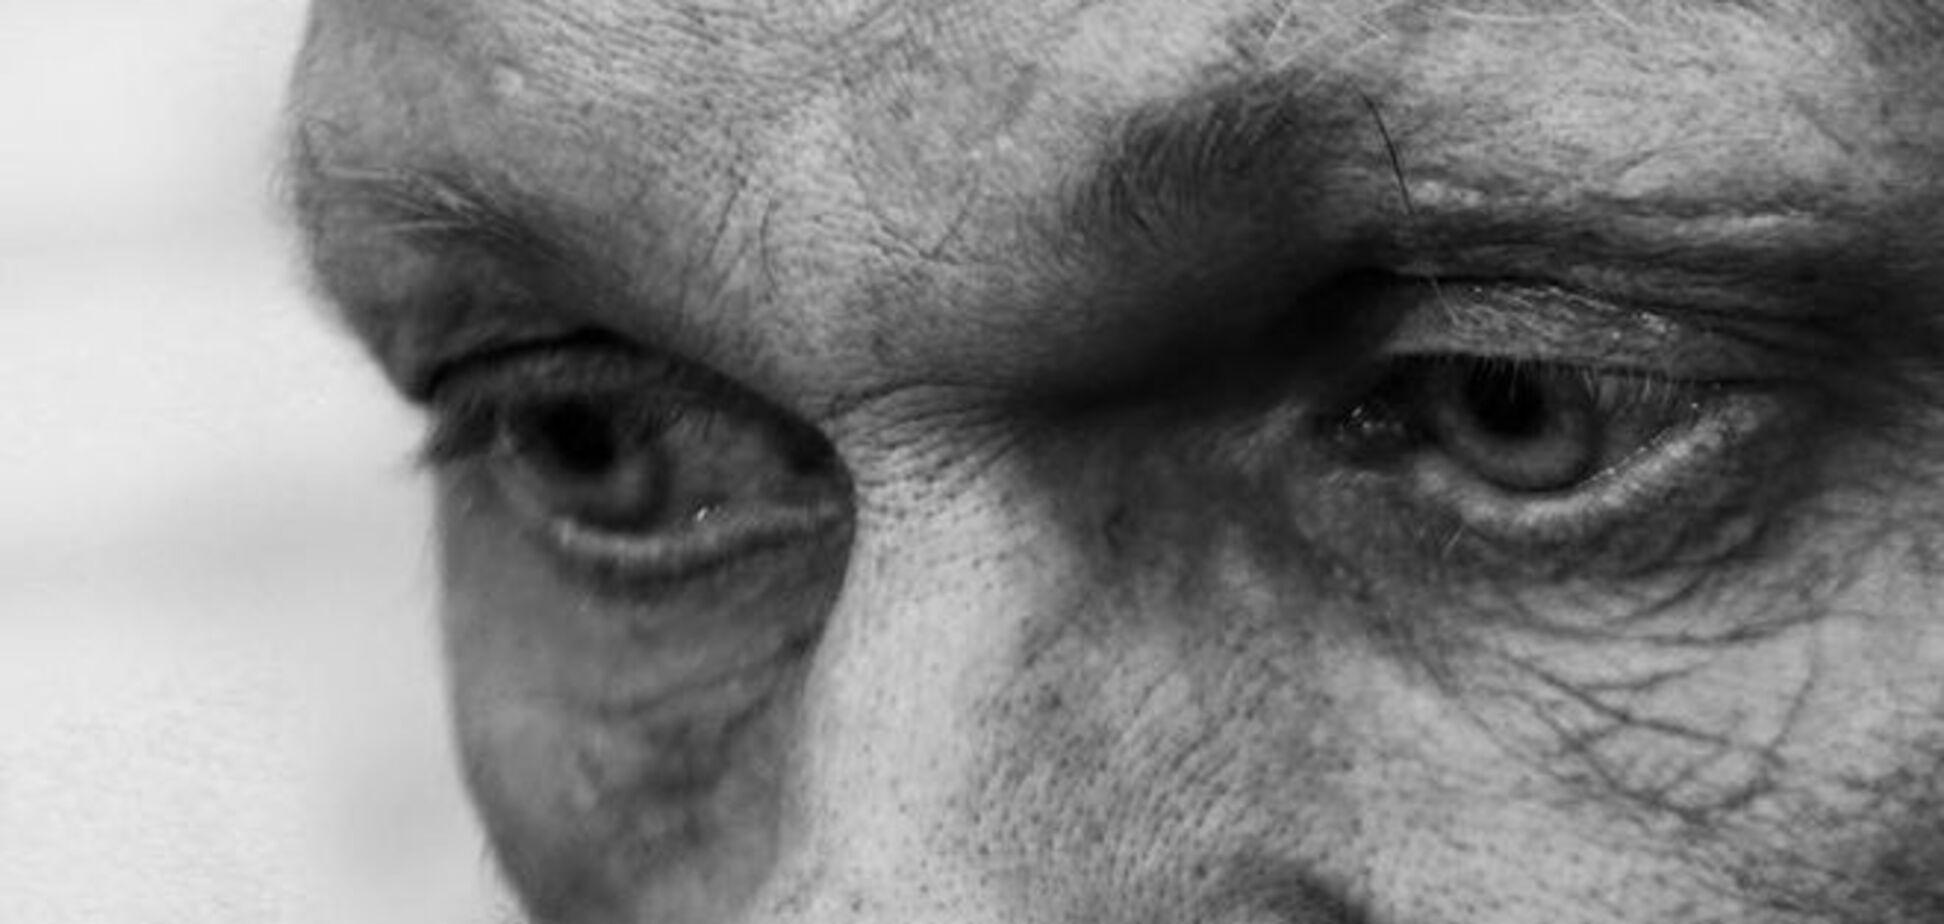 Корбан показав 'живі очі' кухаря і шахтаря, яких без обміну забрала з полону волонтер